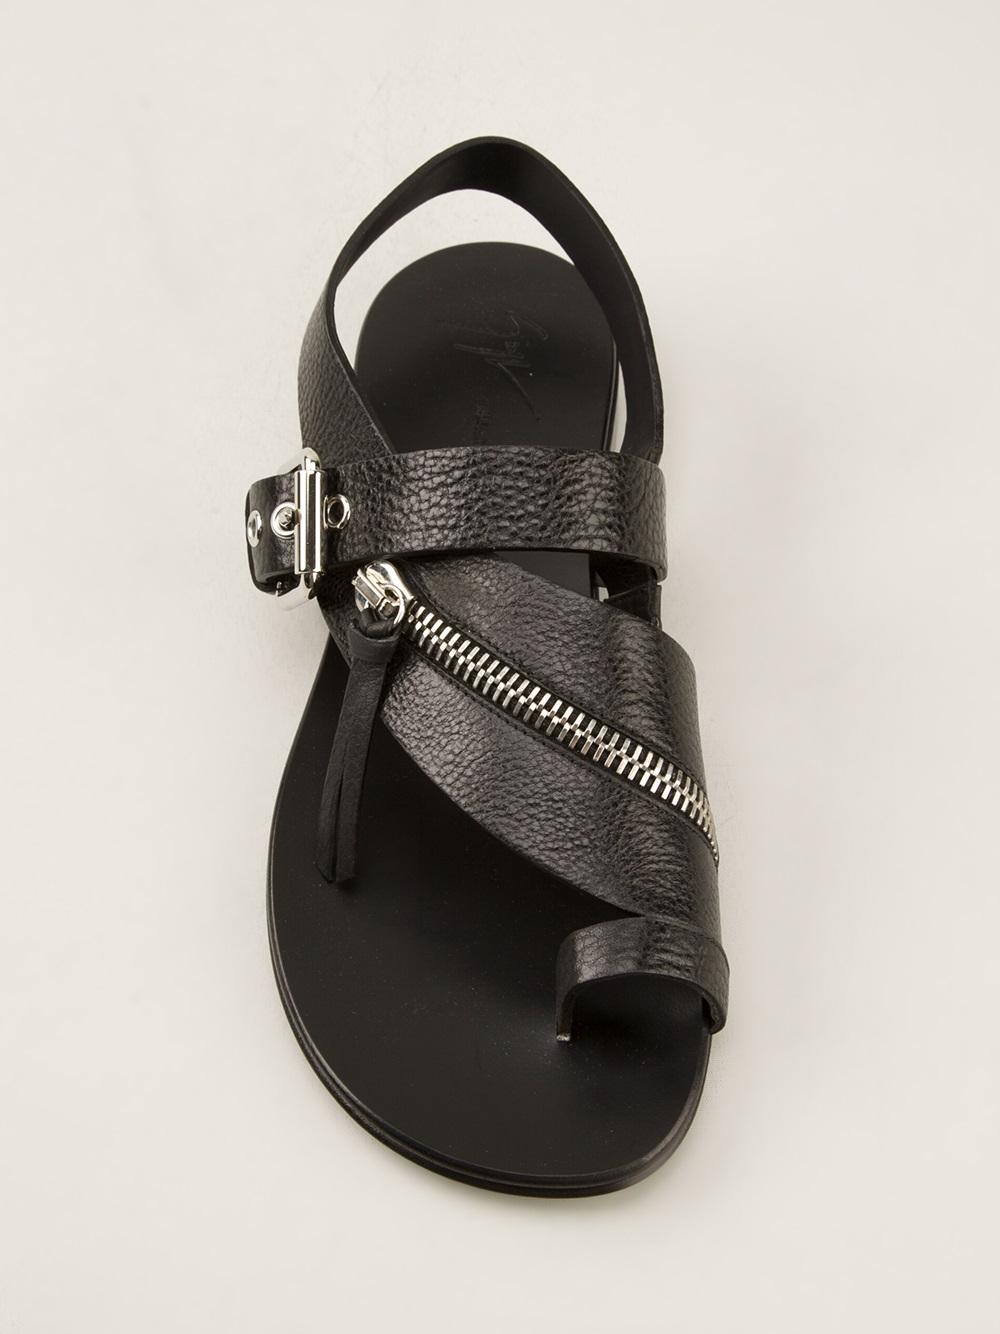 c70316946538e Giuseppe Zanotti Zipped Flat Sandals in Black for Men - Lyst